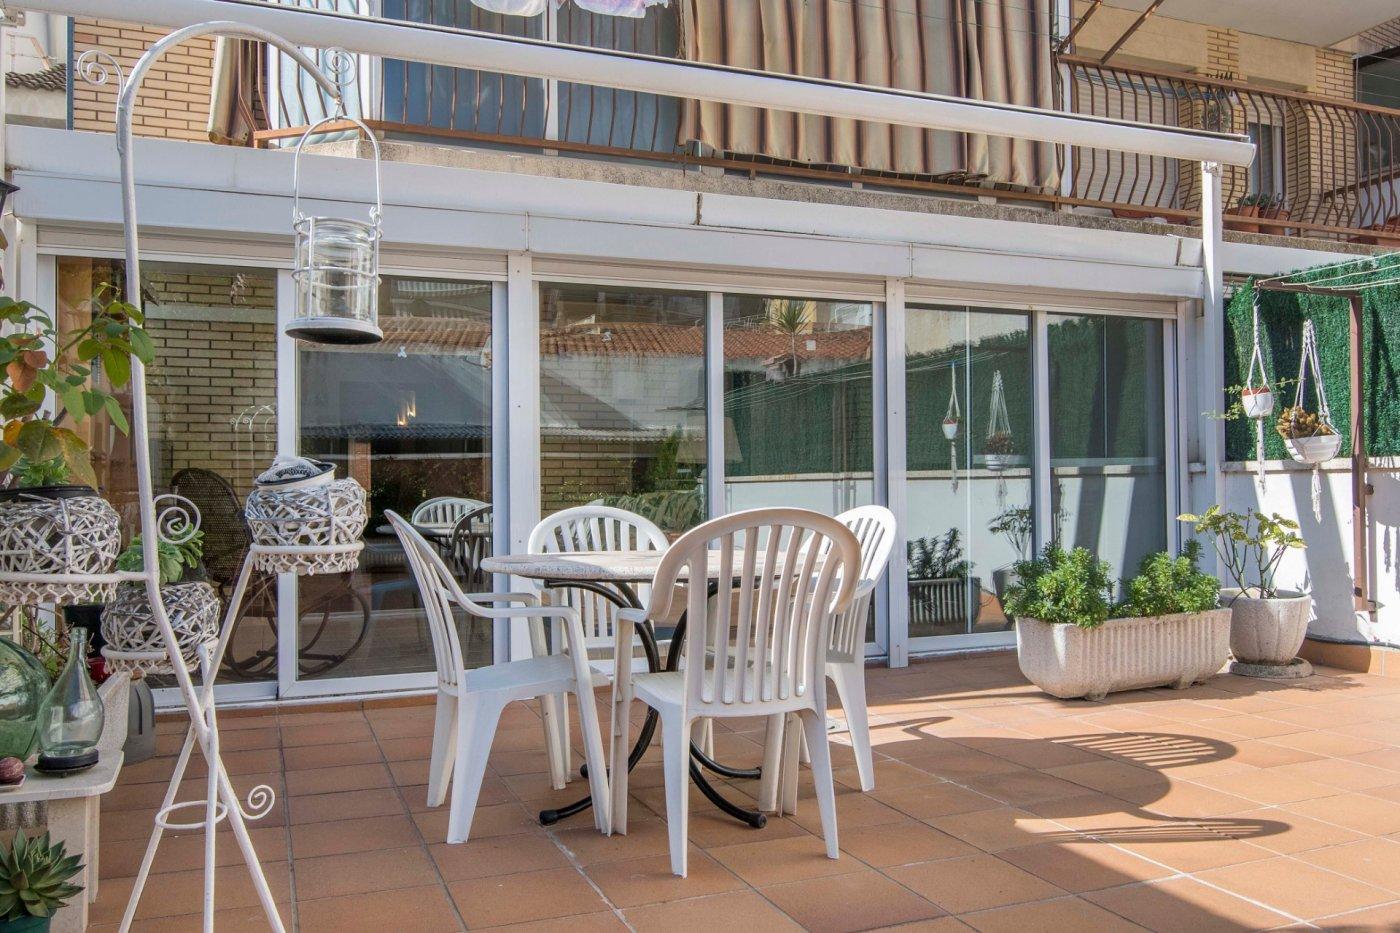 Vivienda con terraza y estudio acristalado